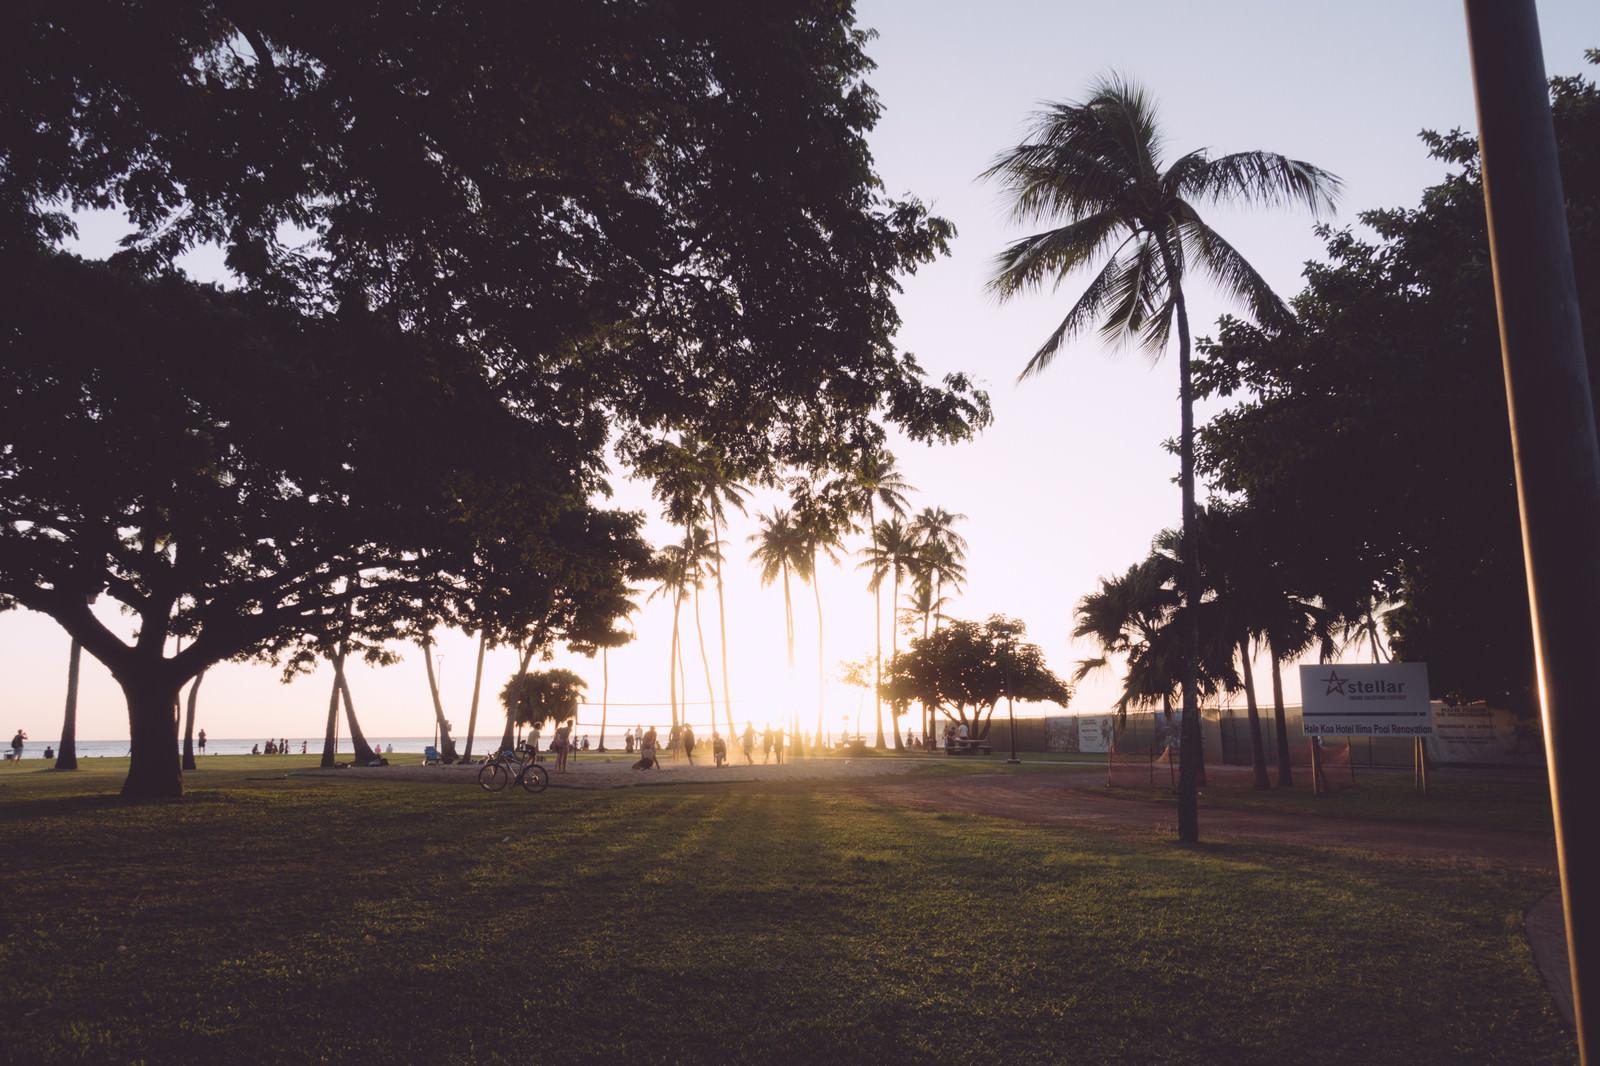 「フォート・デロシー・ビーチ・パークの奥に見えるサンセット」の写真